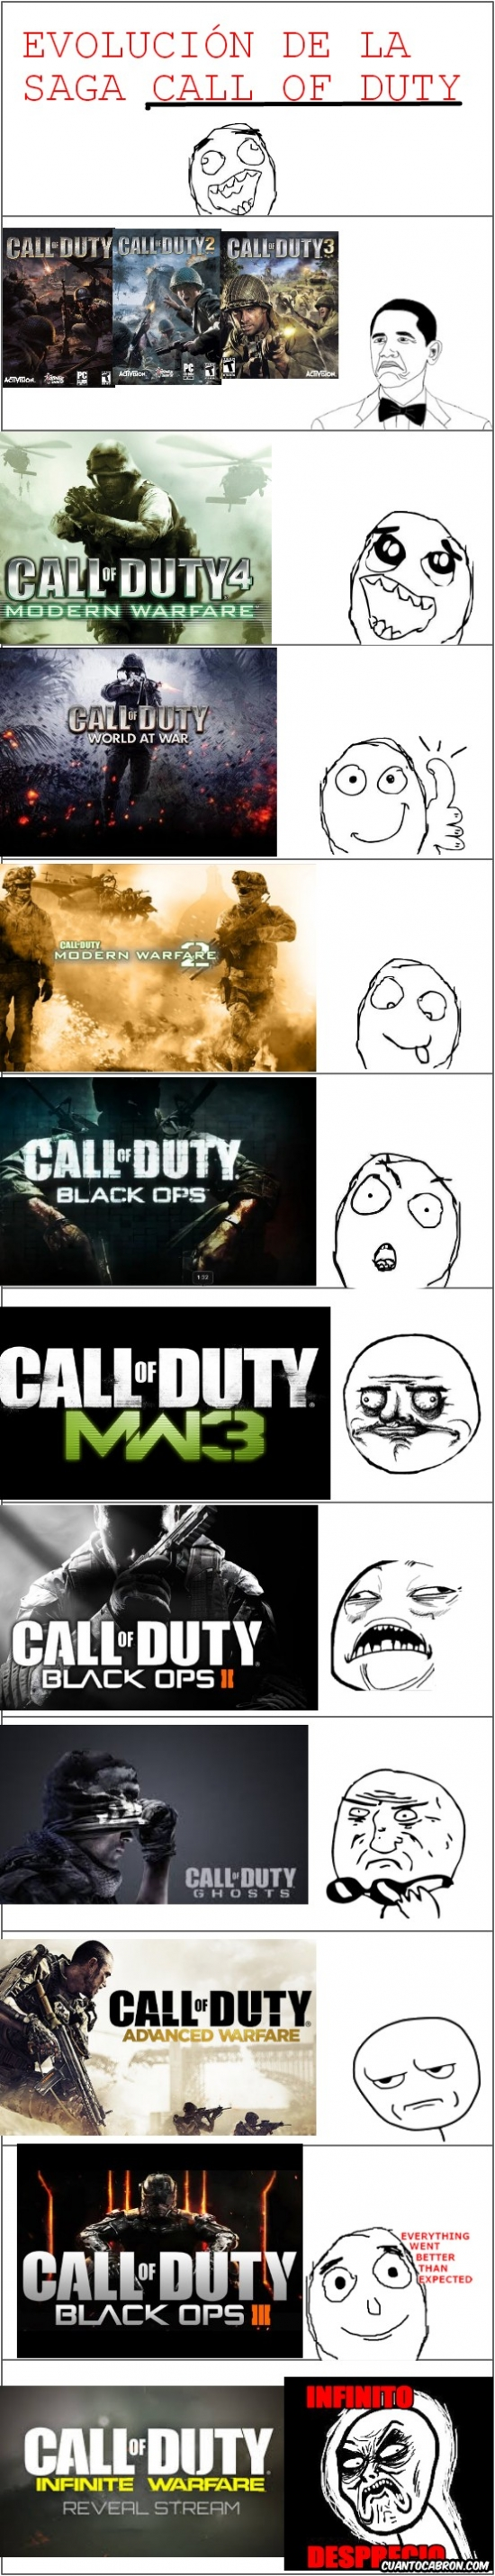 Otros - Evolución de la saga Call Of Duty con memes